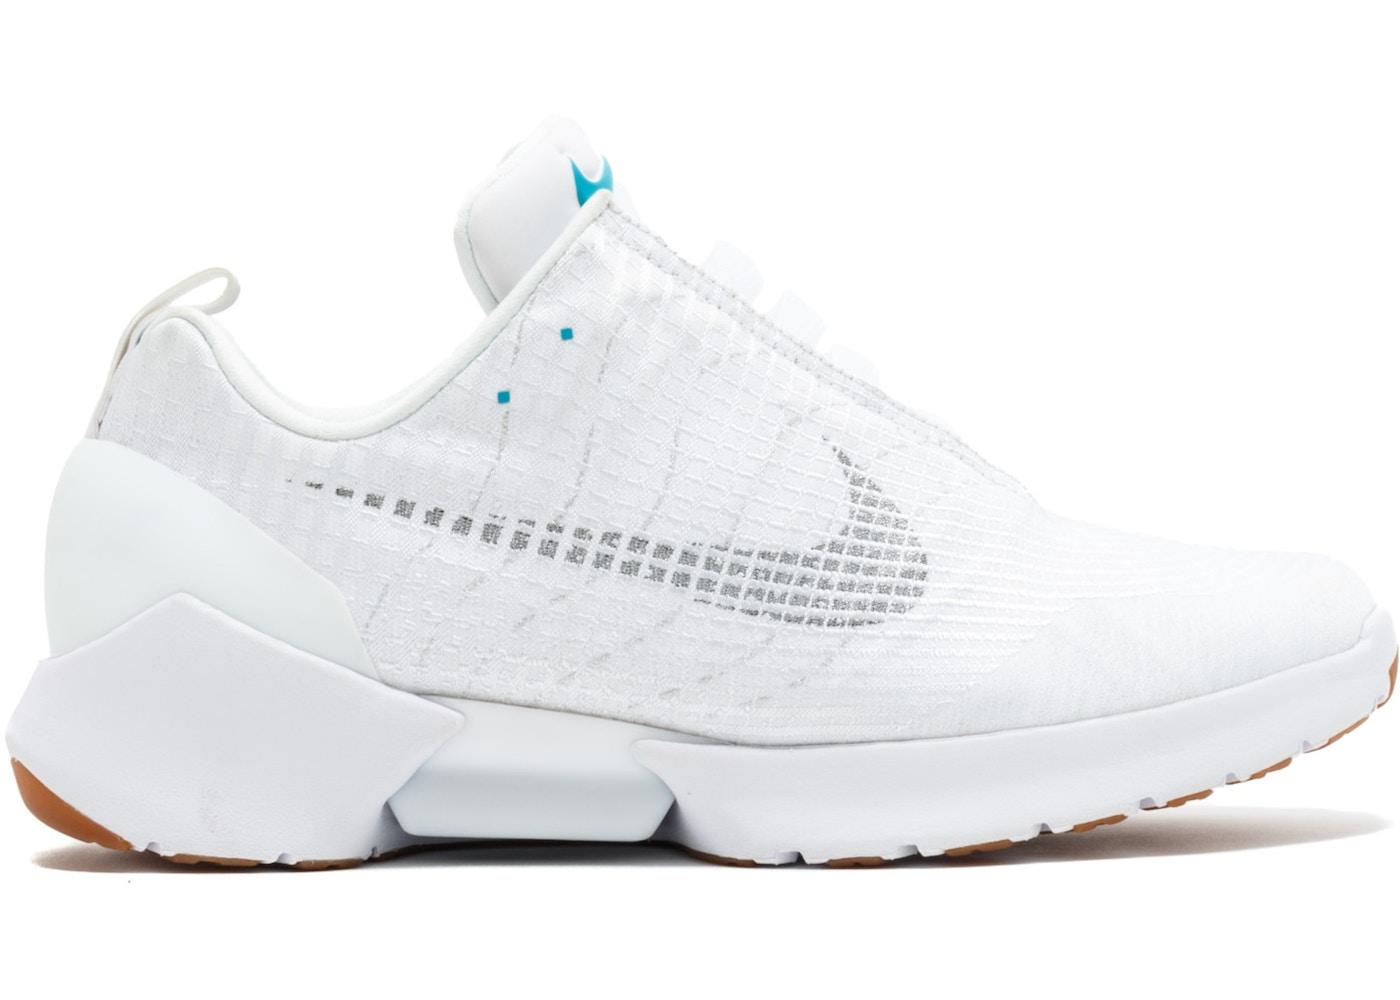 Nike HyperAdapt 1.0 White - 843871-100 dd279dbbb